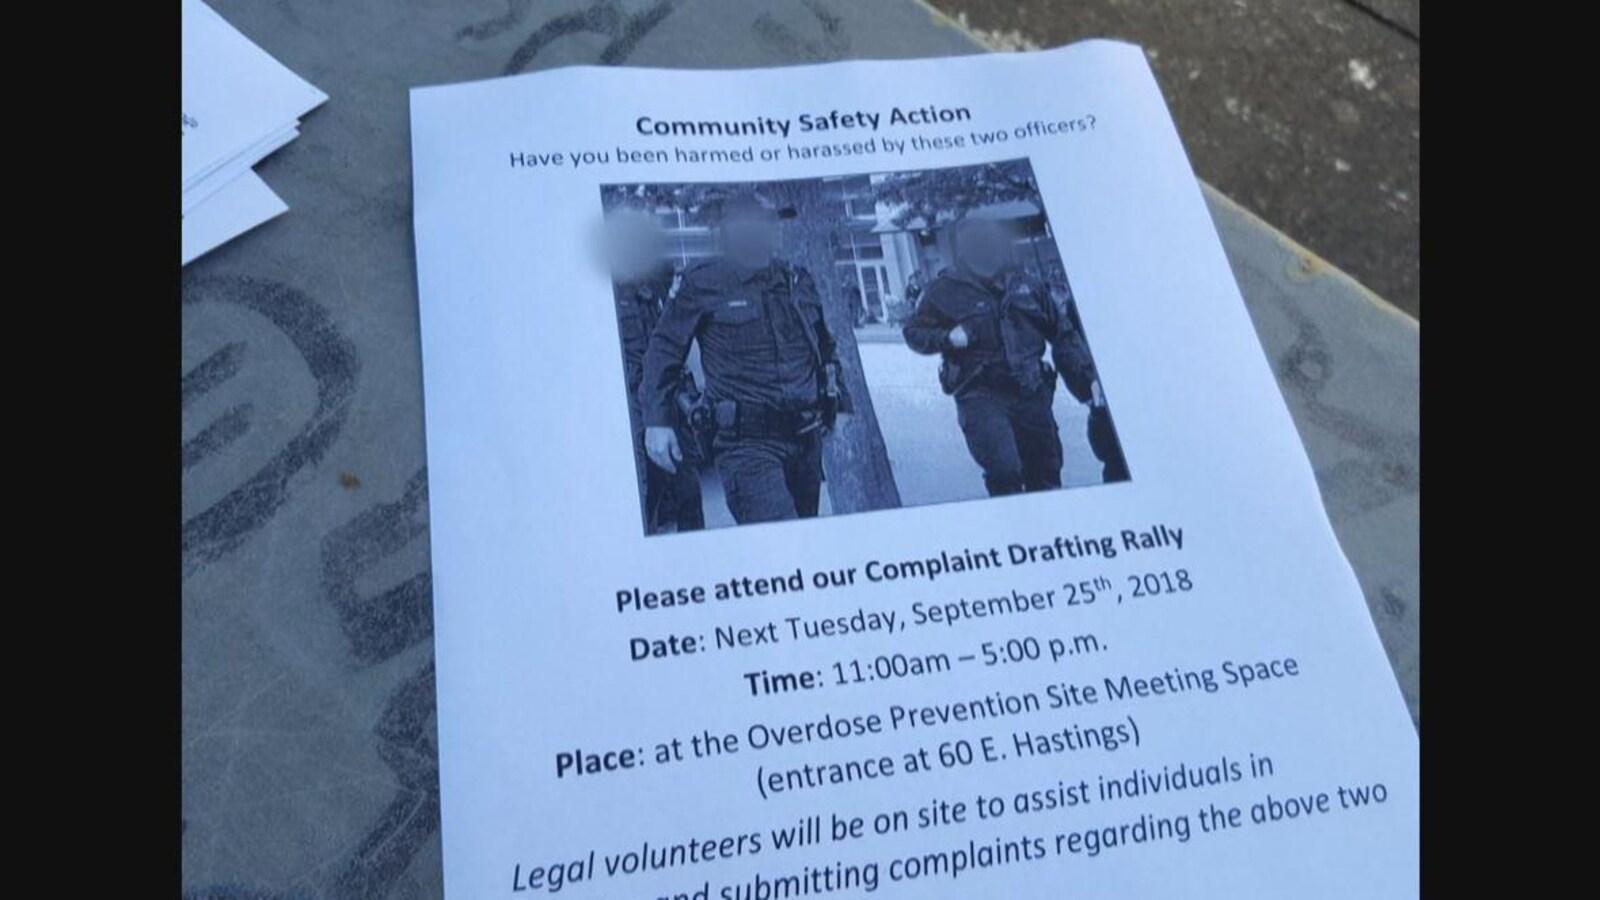 On voit une affiche imprimée avec la photo de deux policiers.